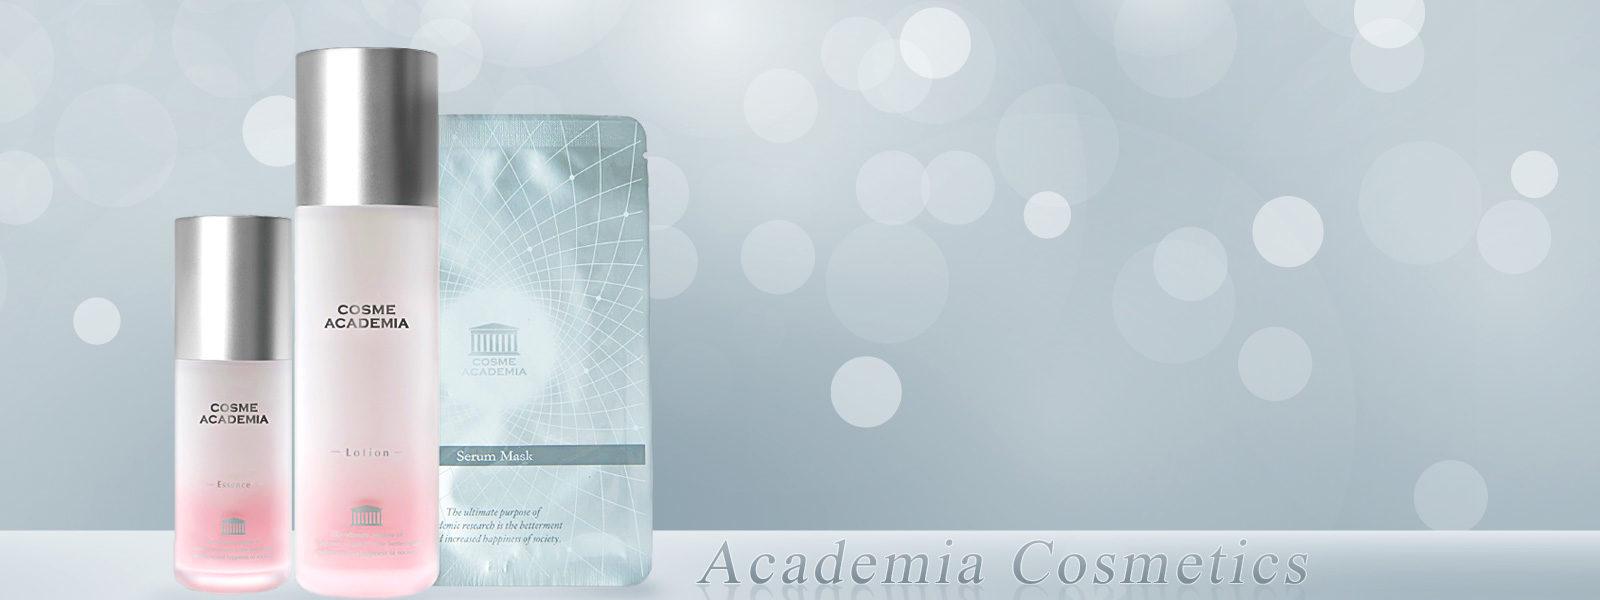 大学の技術を結集して開発する化粧品 = アカデミア コスメ